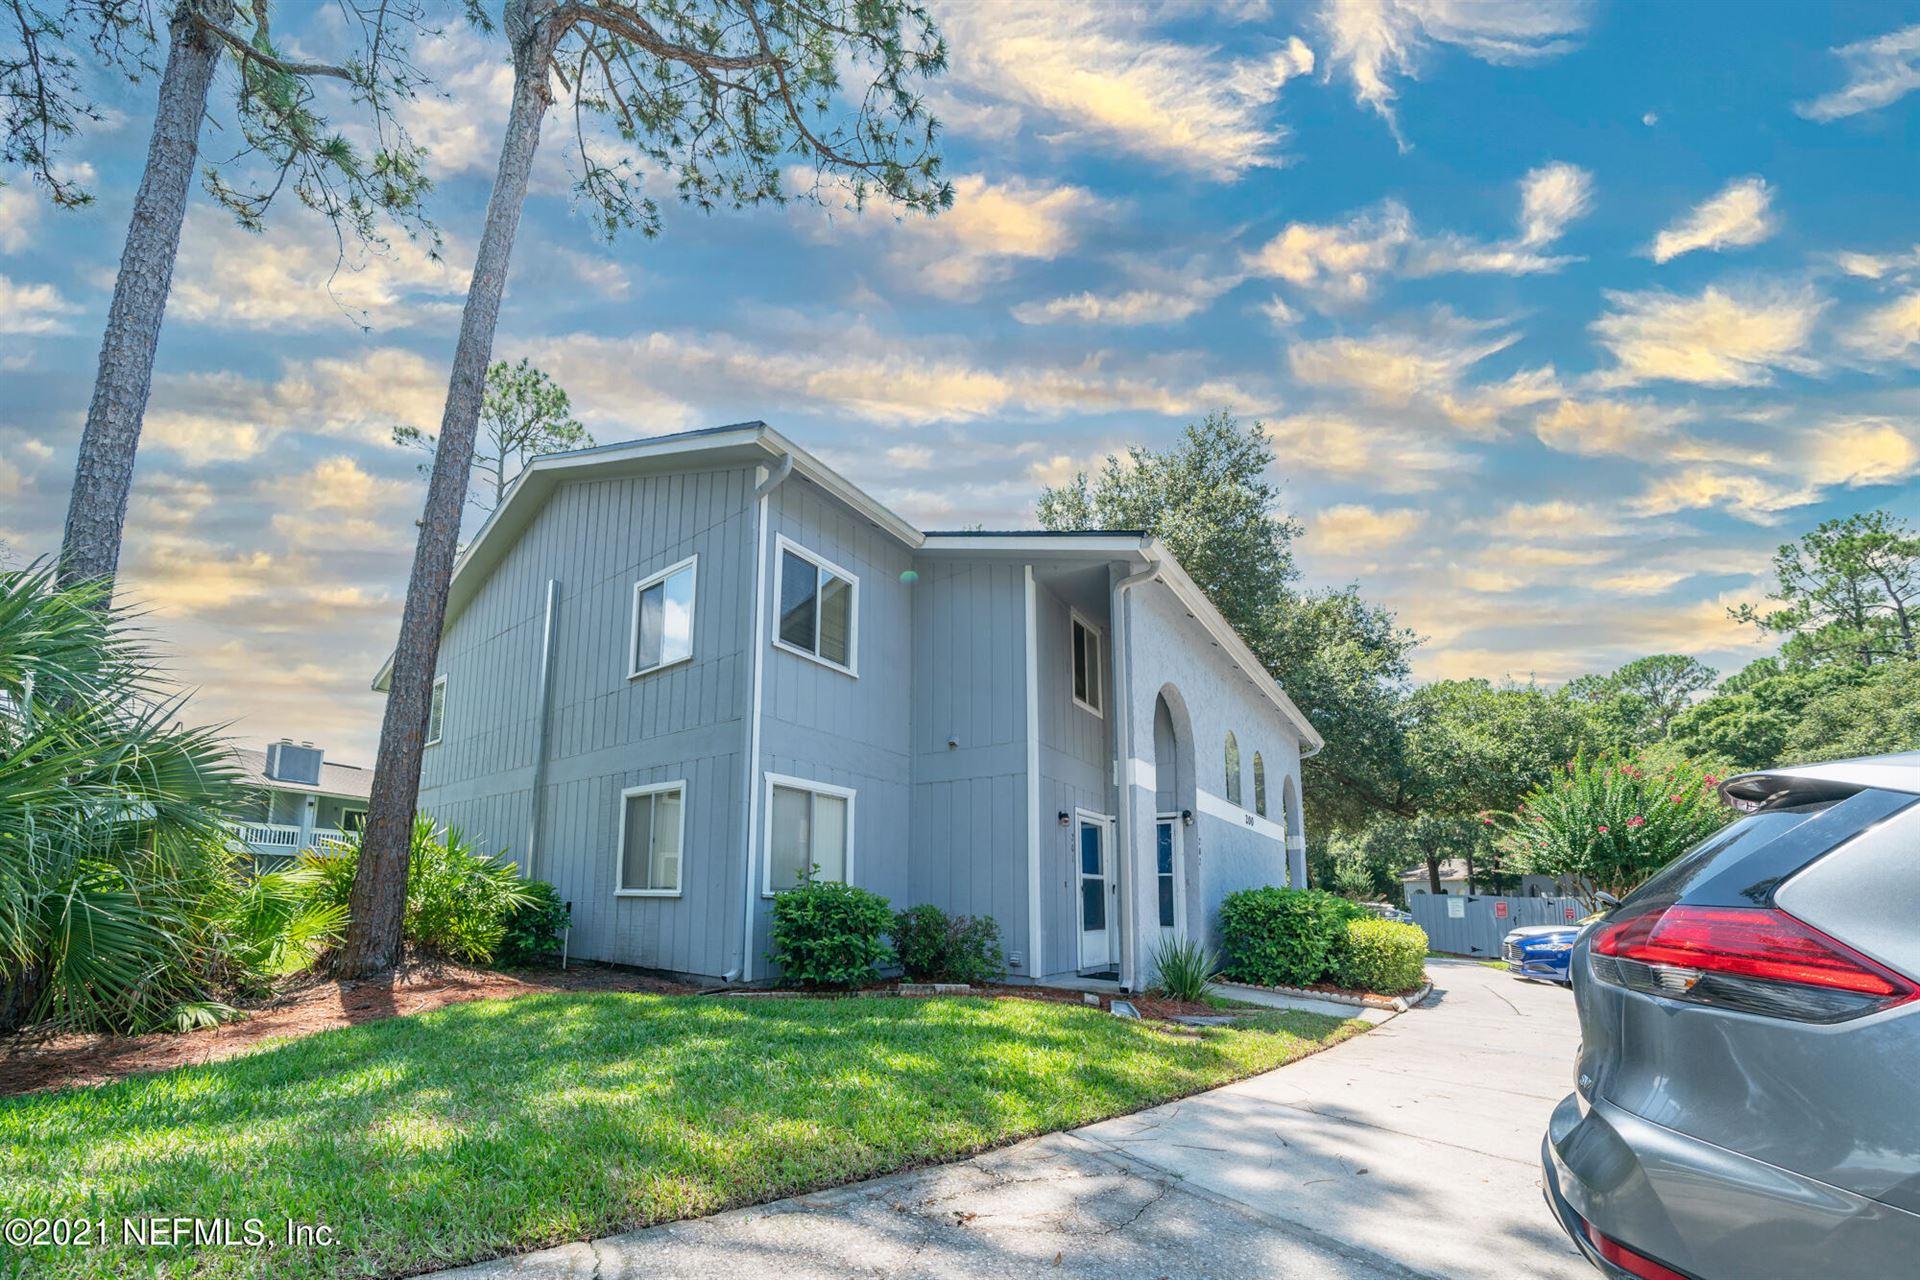 Photo of 3270 RICKY DR, JACKSONVILLE, FL 32223 (MLS # 1122425)